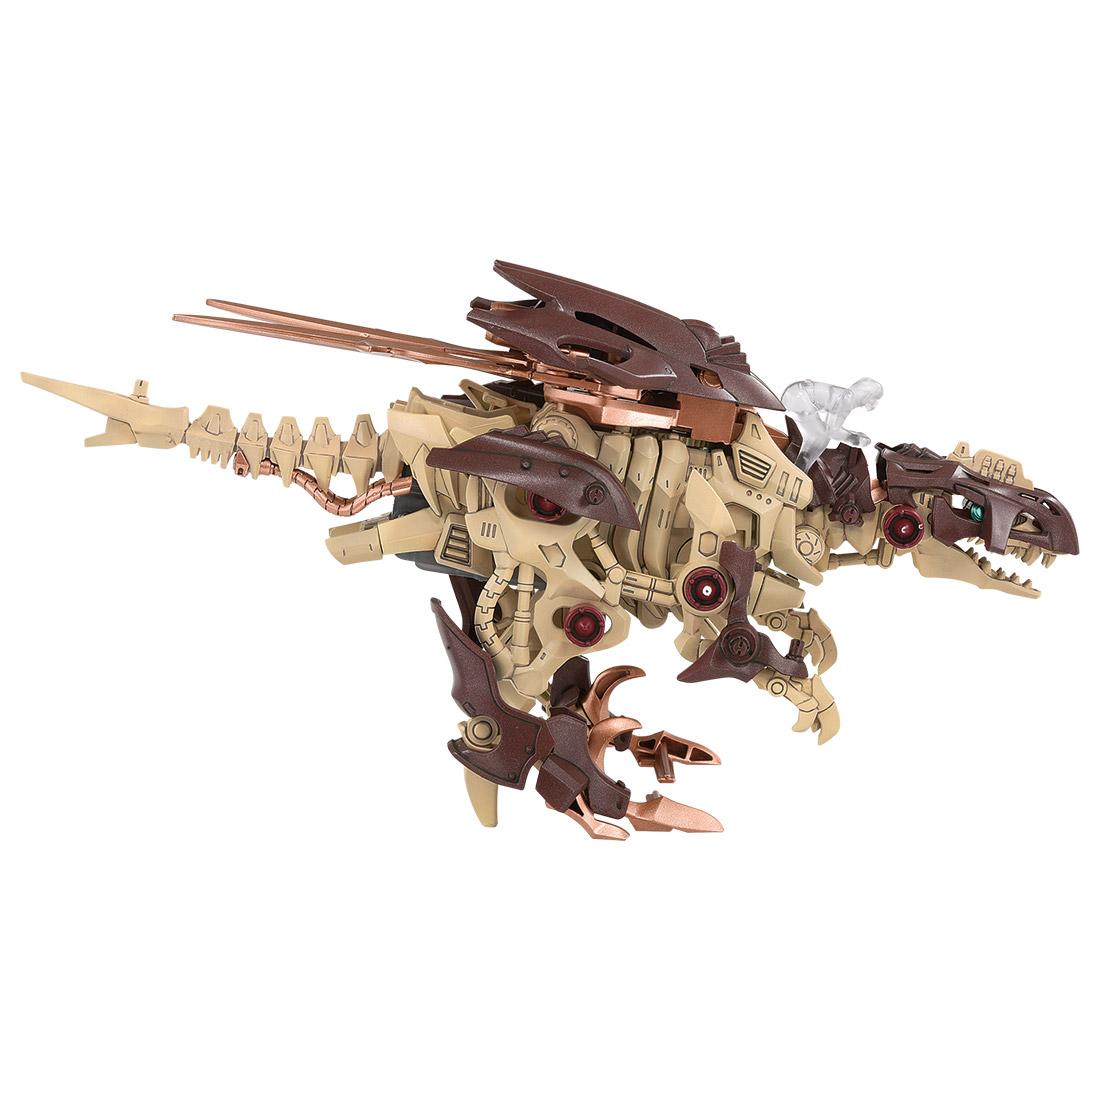 【恐竜博2019開催記念】ゾイドワイルド『ギルラプター レアボーンver.』組み立てキット-002